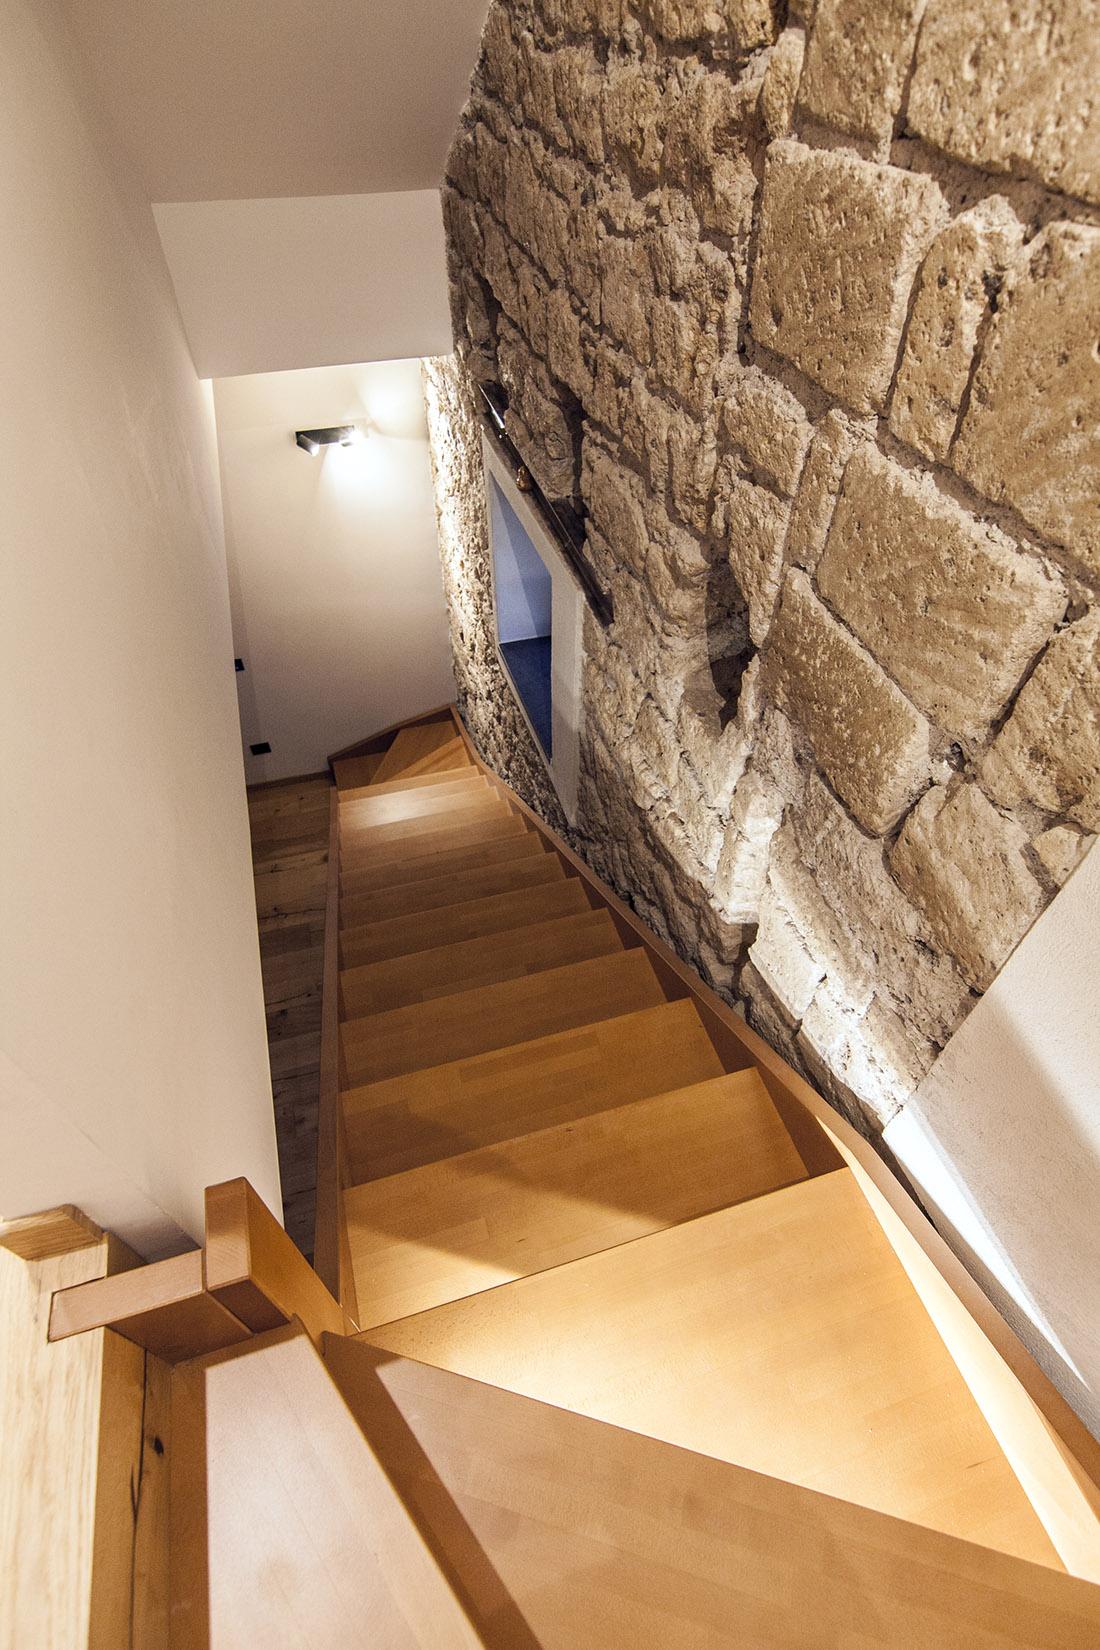 casa-tao-napoli-tufo-a-vista-recupero-moderno-pucciarelli-architetti-scala-legno-2